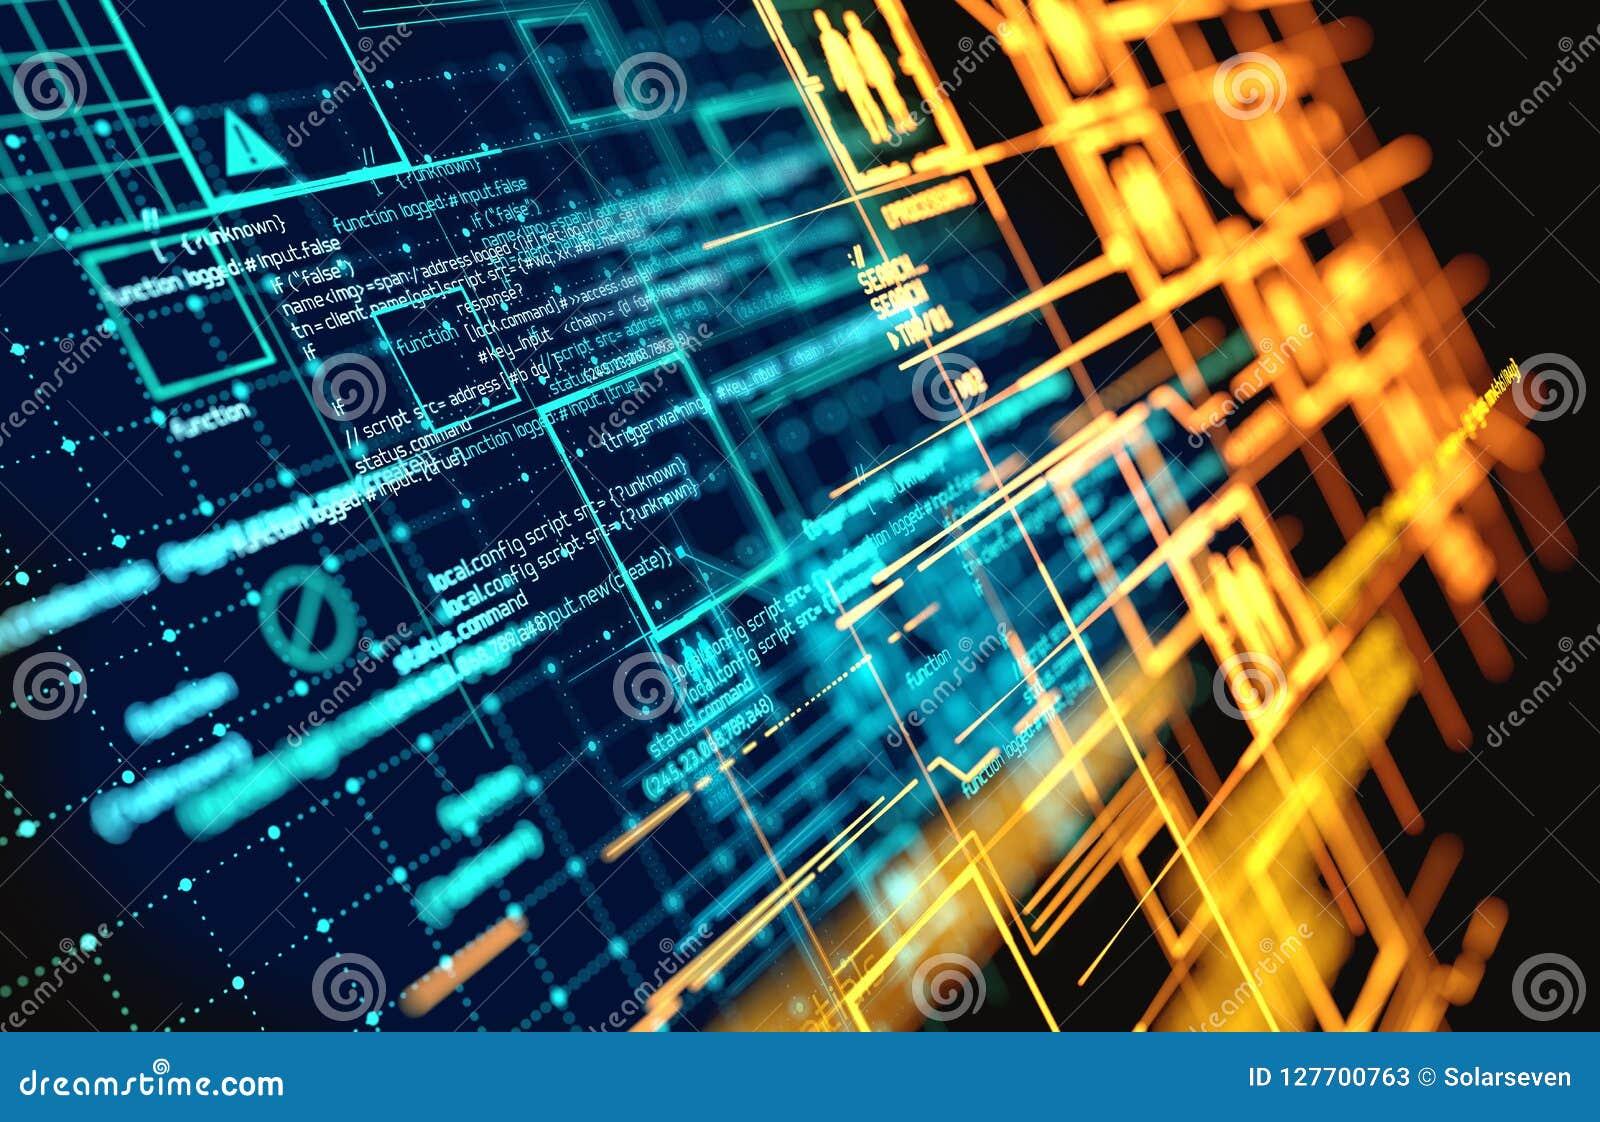 Complex Futuristic Information Data